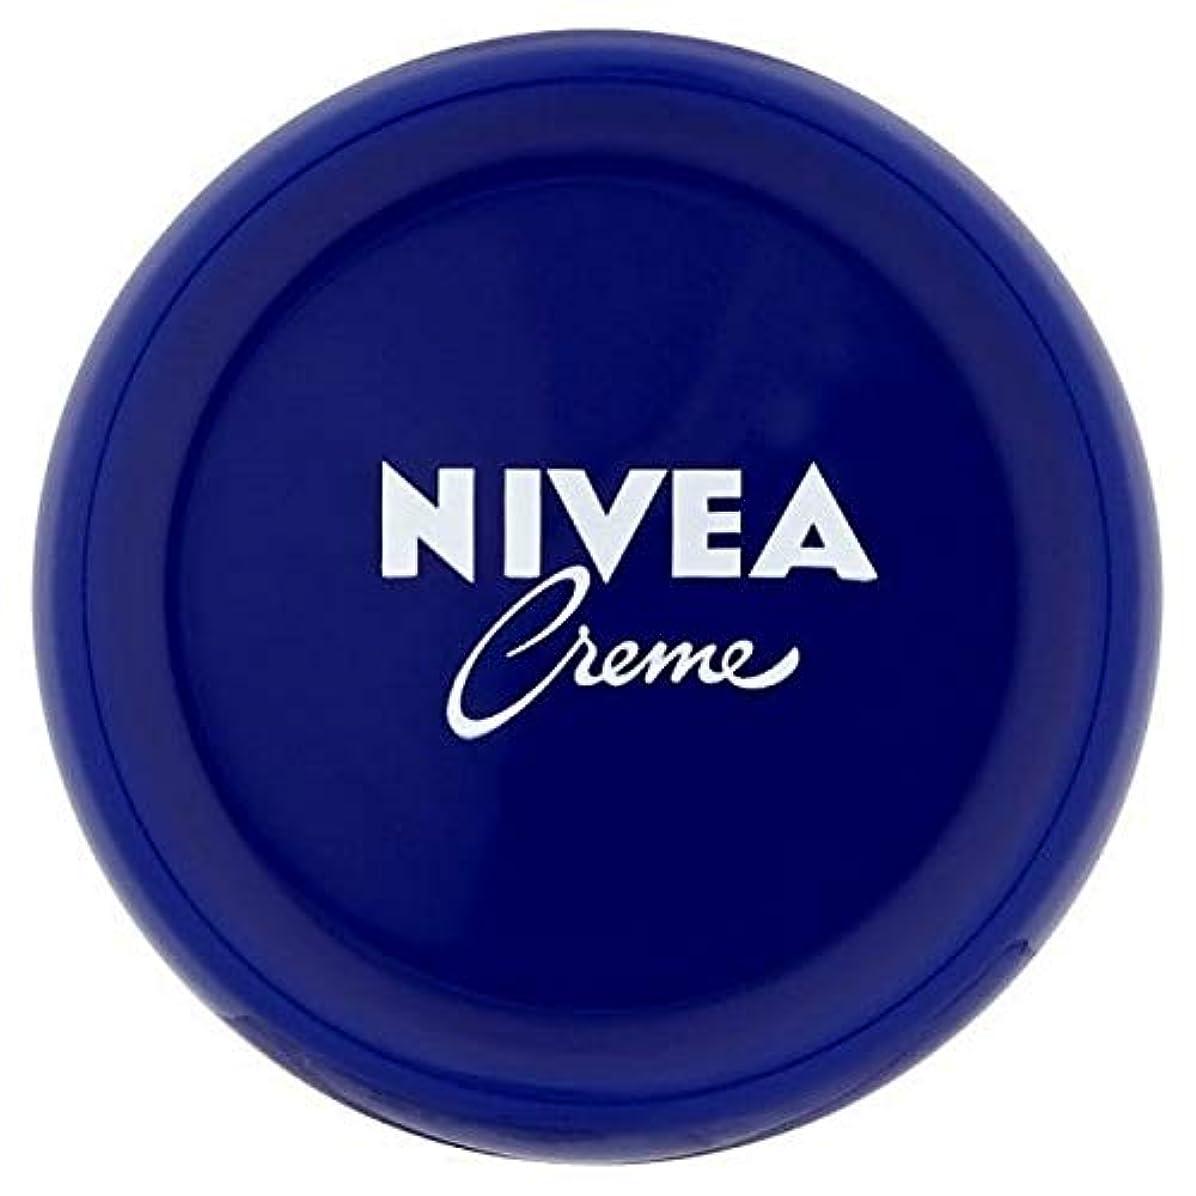 性交豊富な昨日[Nivea ] ニベアクリーム万能ボディクリーム、50ミリリットル - NIVEA Creme All Purpose Body Cream, 50ml [並行輸入品]